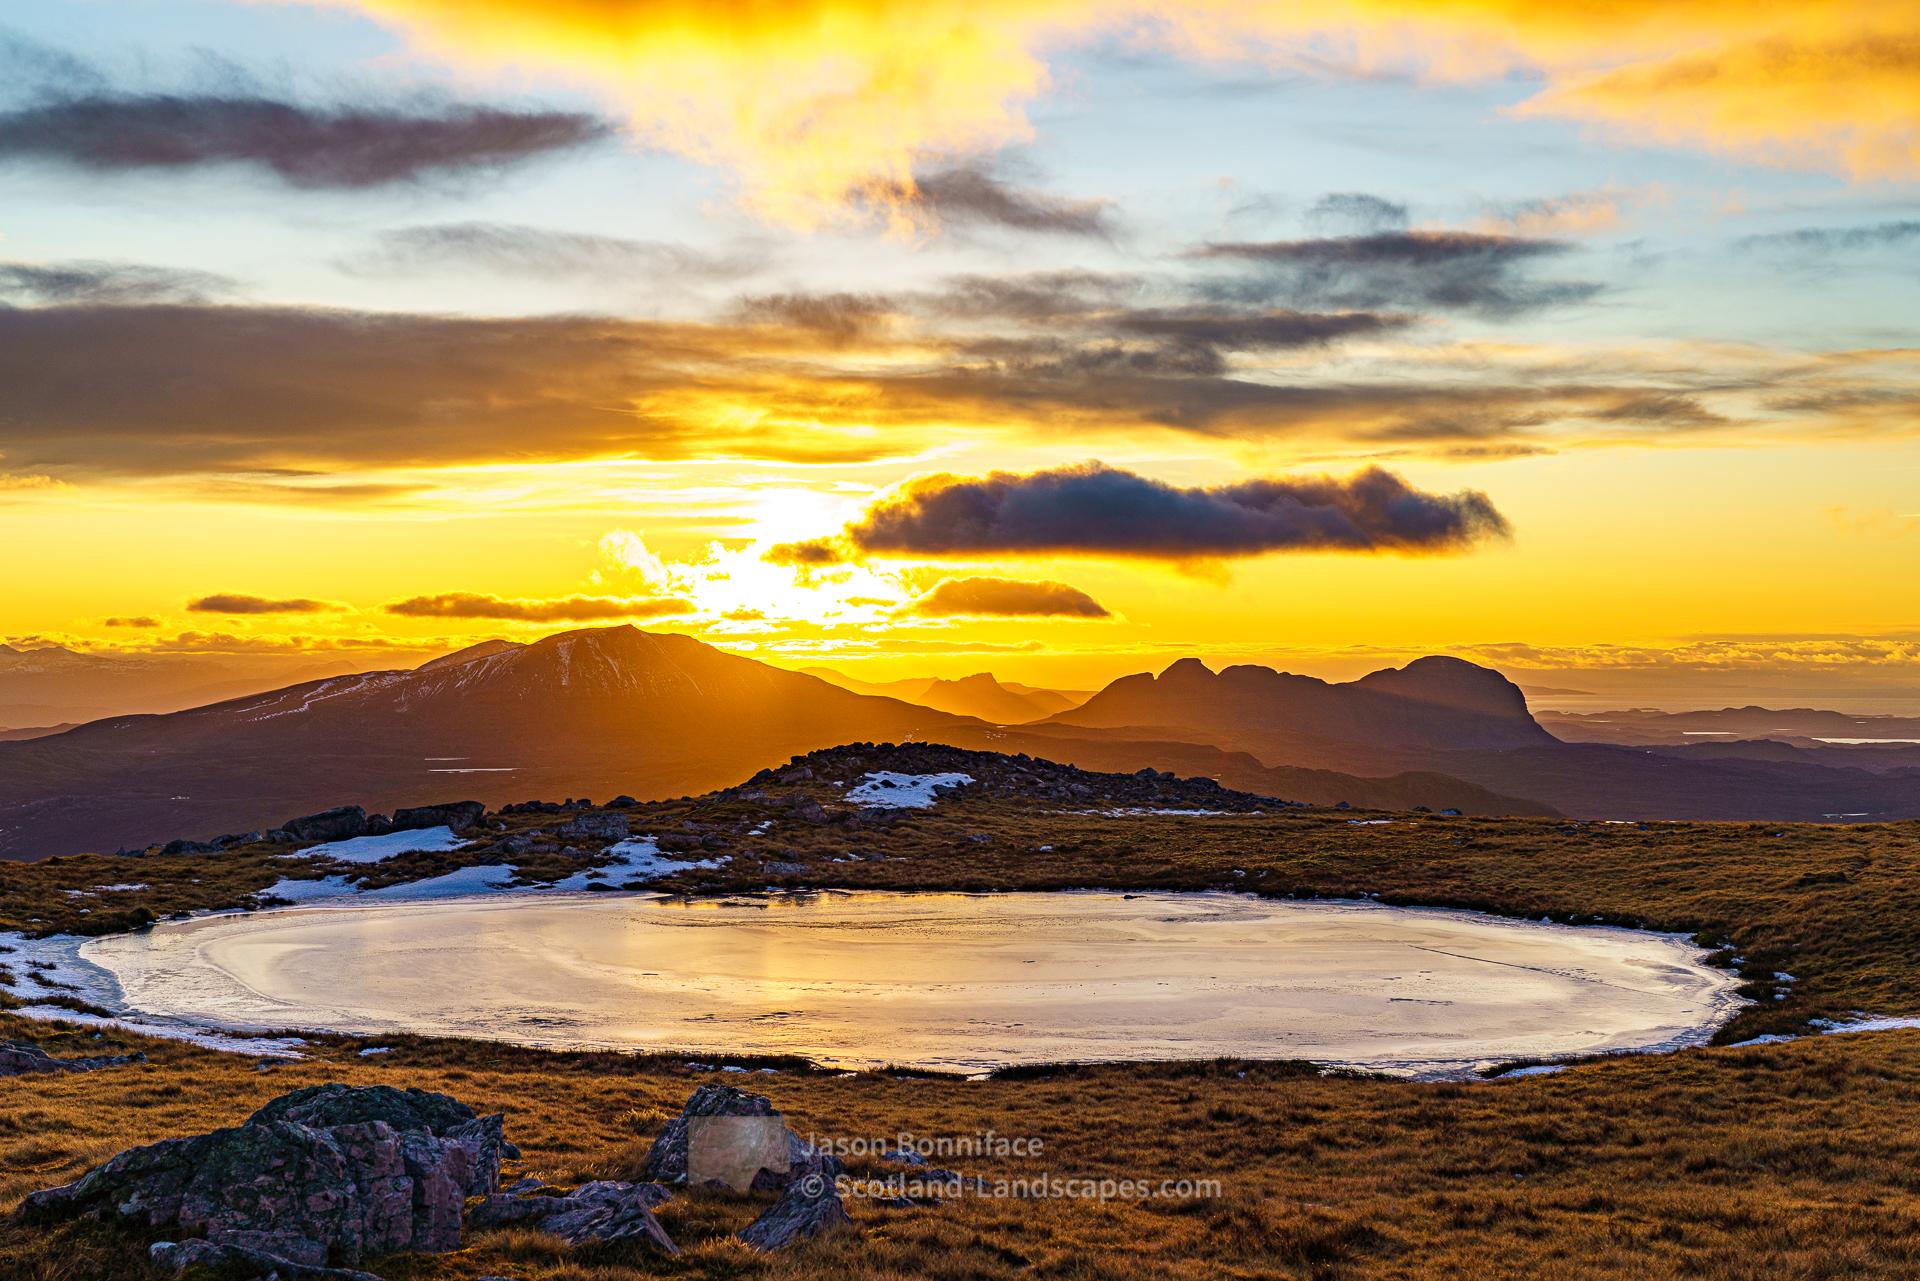 Frozen Sunset, Glas Bheinn Summit Plateau, Assynt & Ullapool